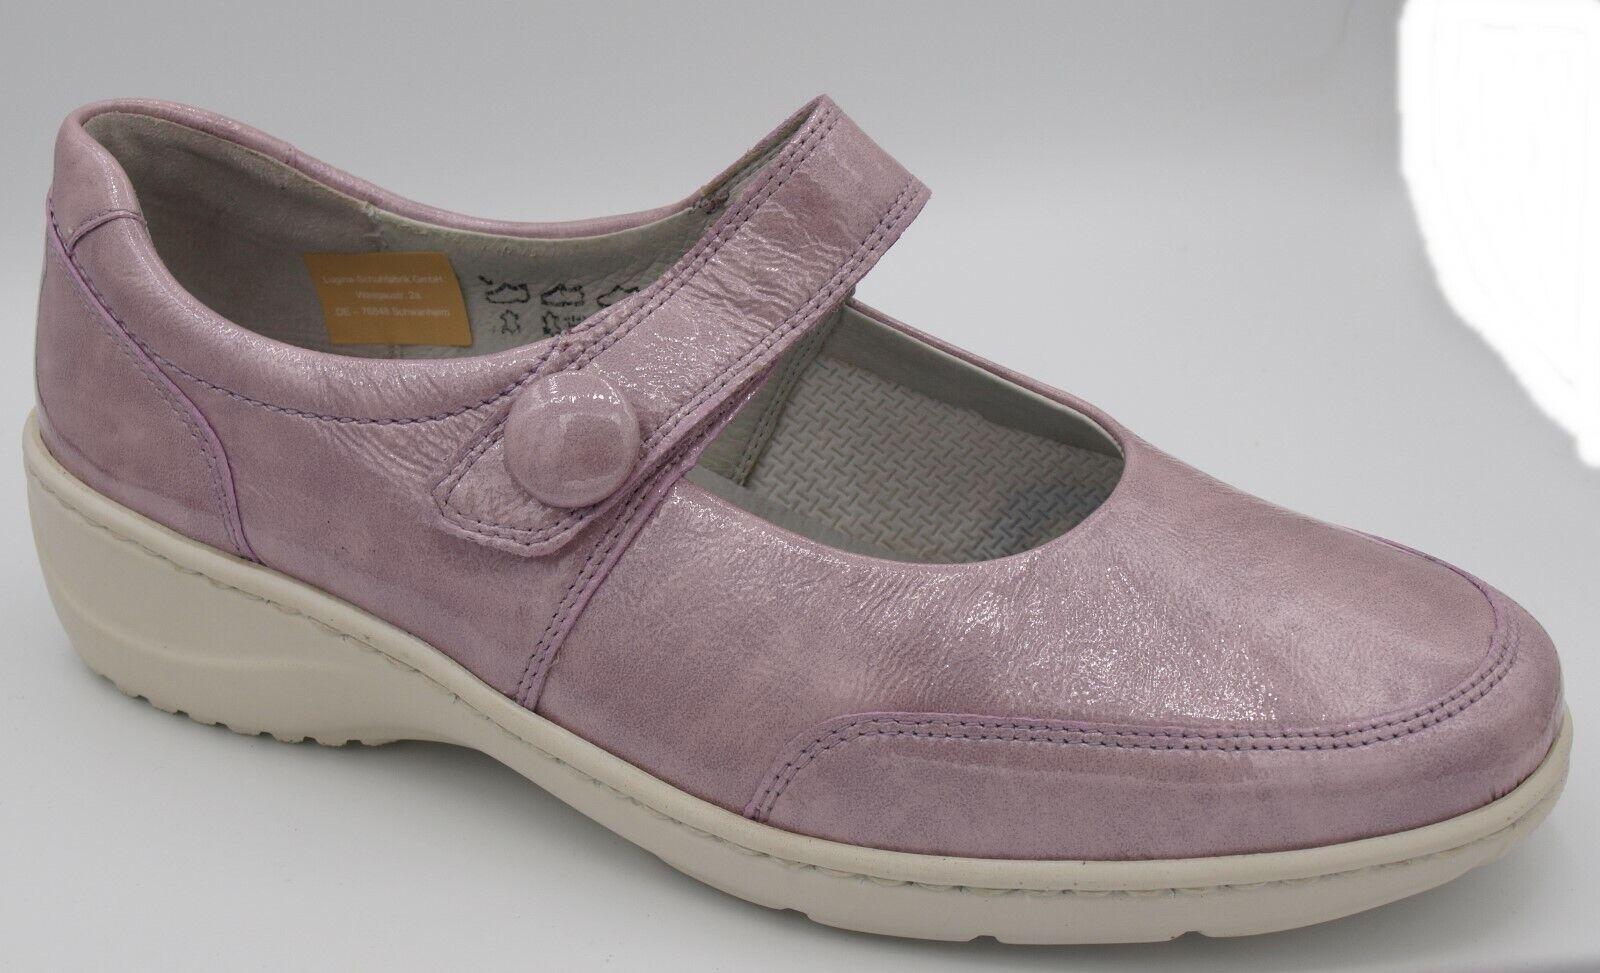 size 40 c0175 adc52 Schuhe Weite K Damen Vergleich Test +++ Schuhe Weite K Damen ...